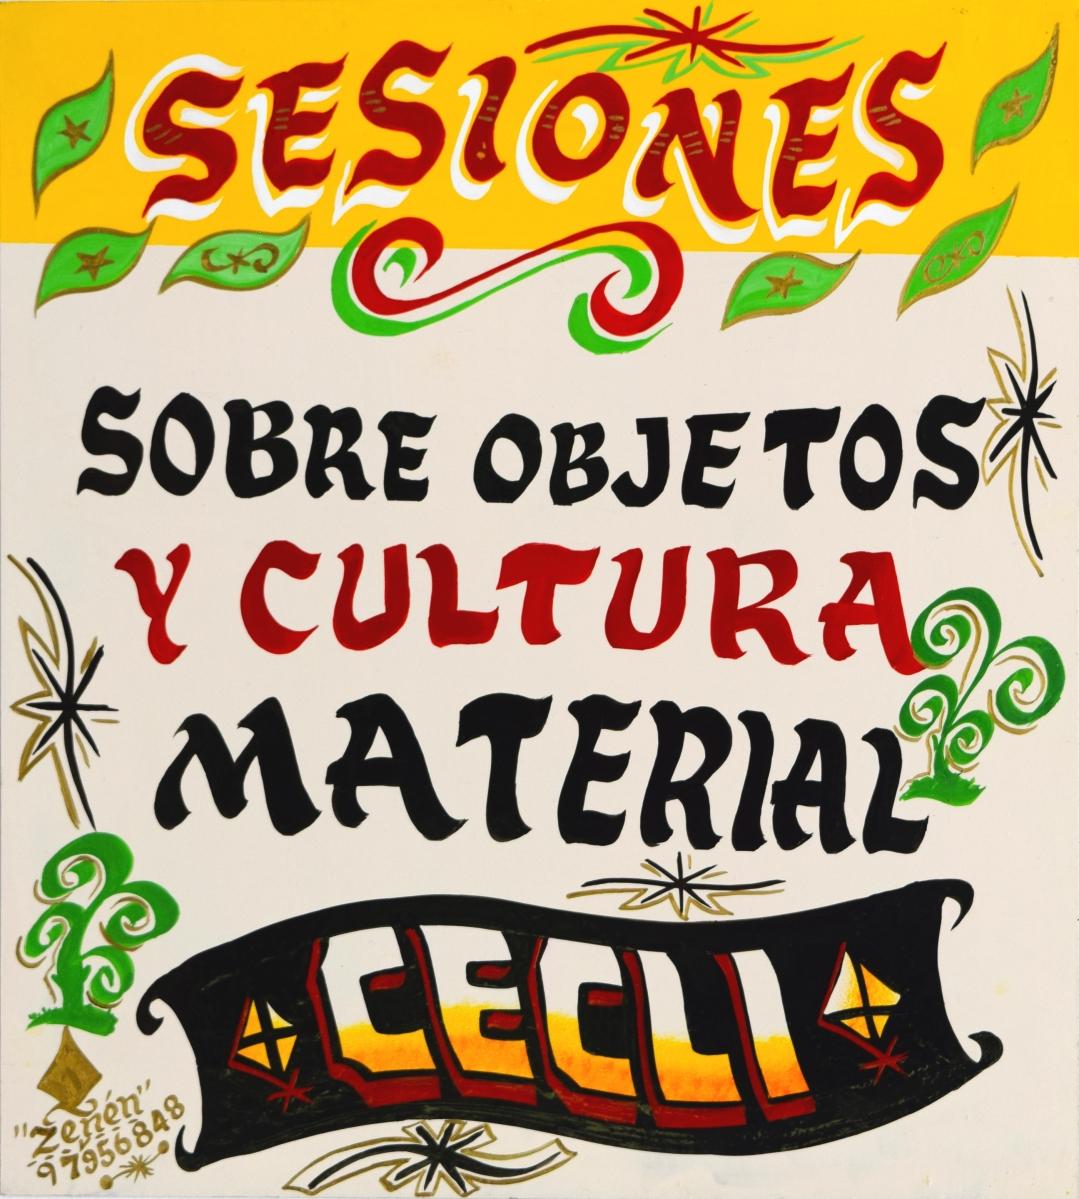 Sesiones sobre objetos y cultura material